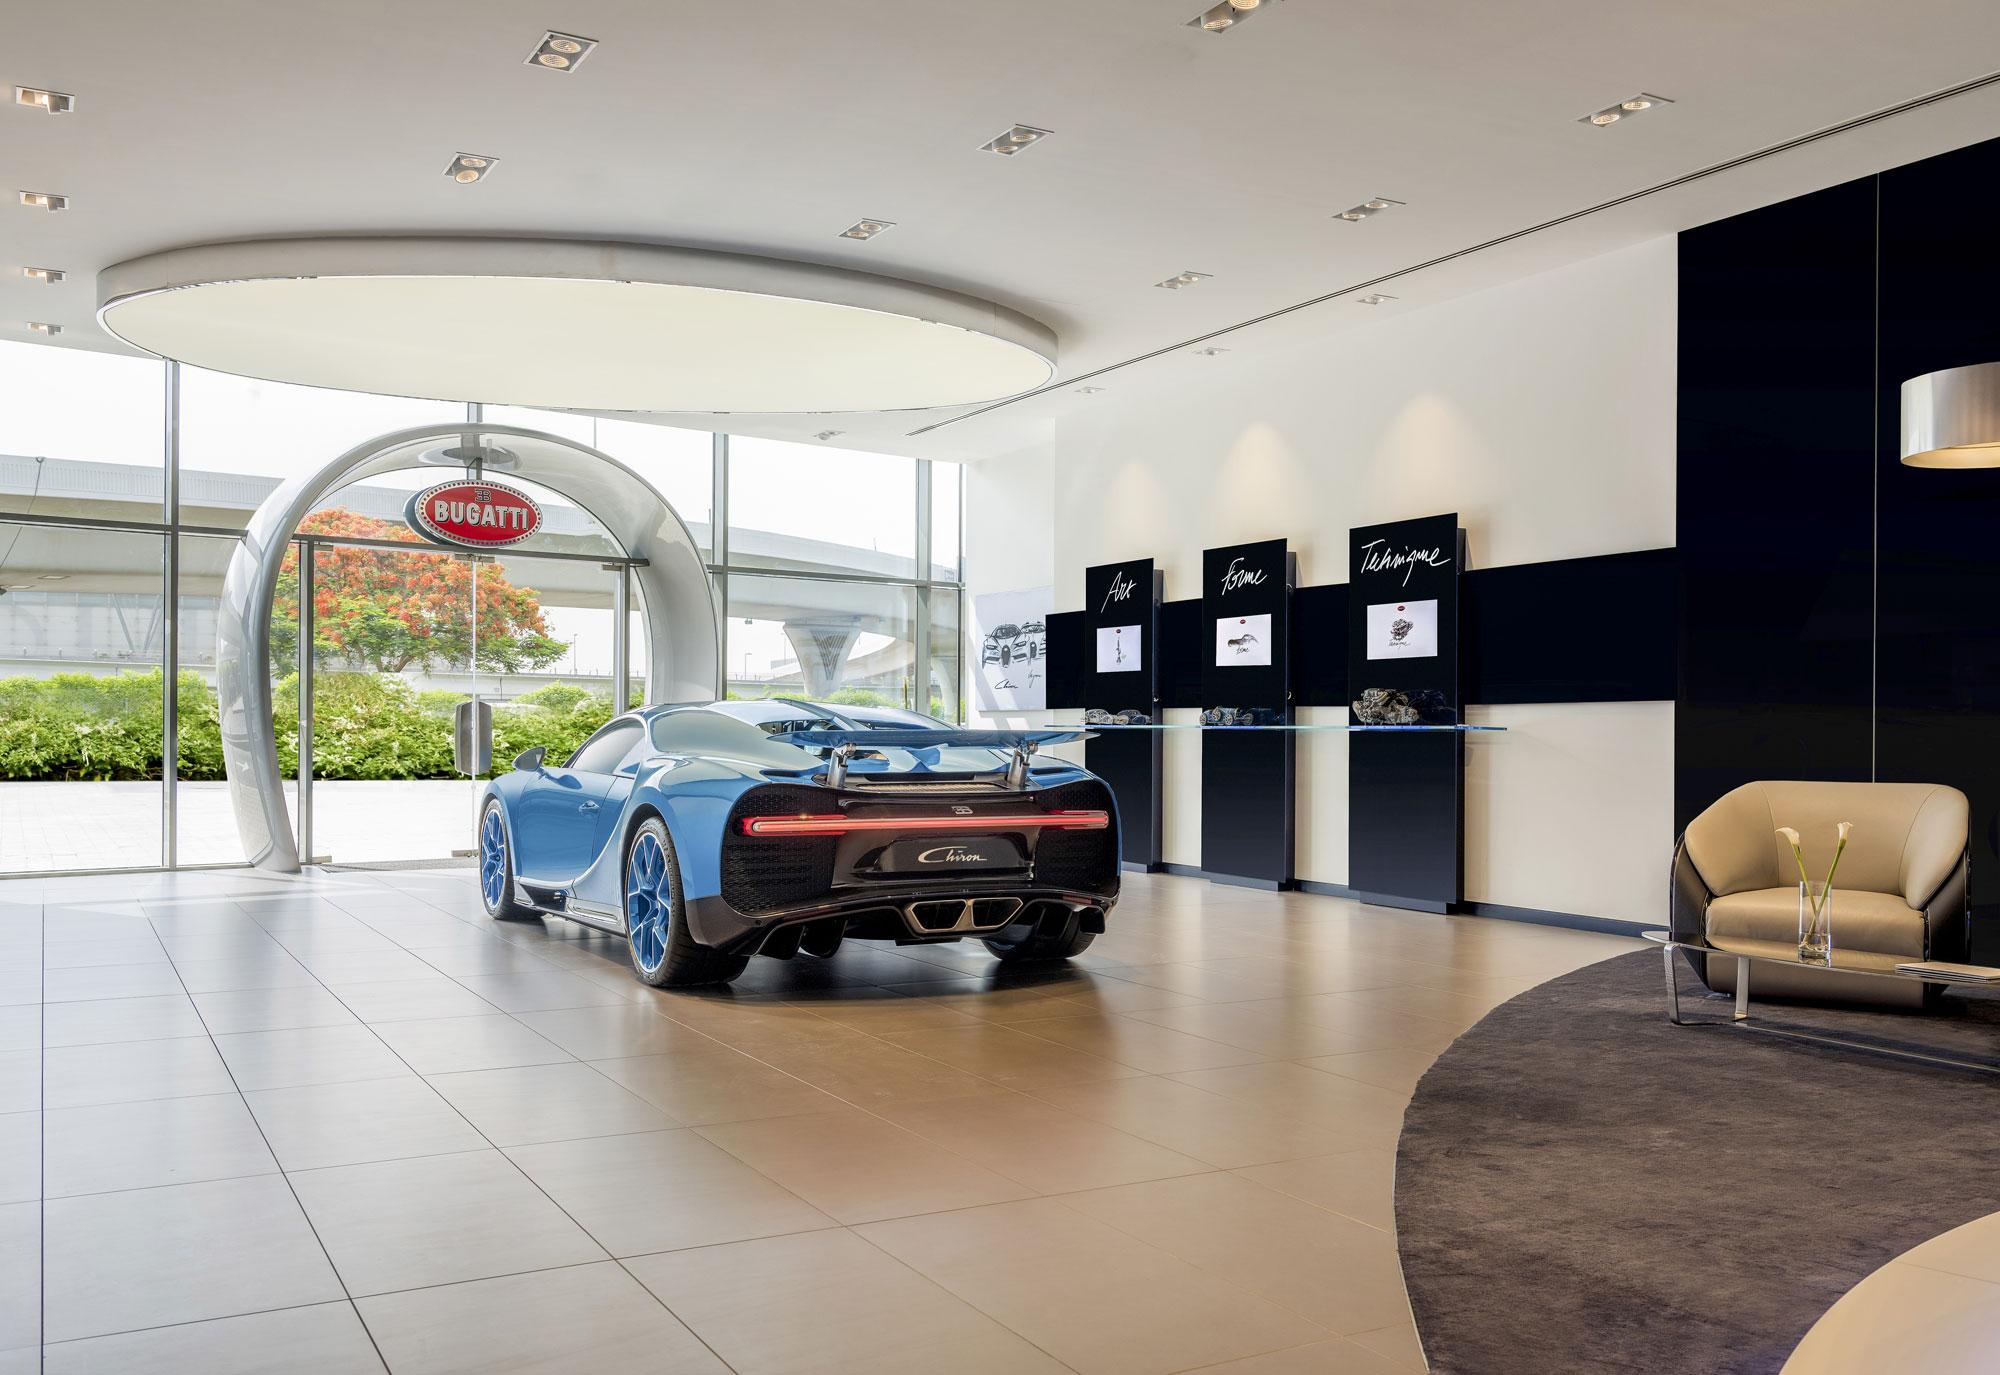 02_Showroom_Bugatti_UAE_Dubai.jpg